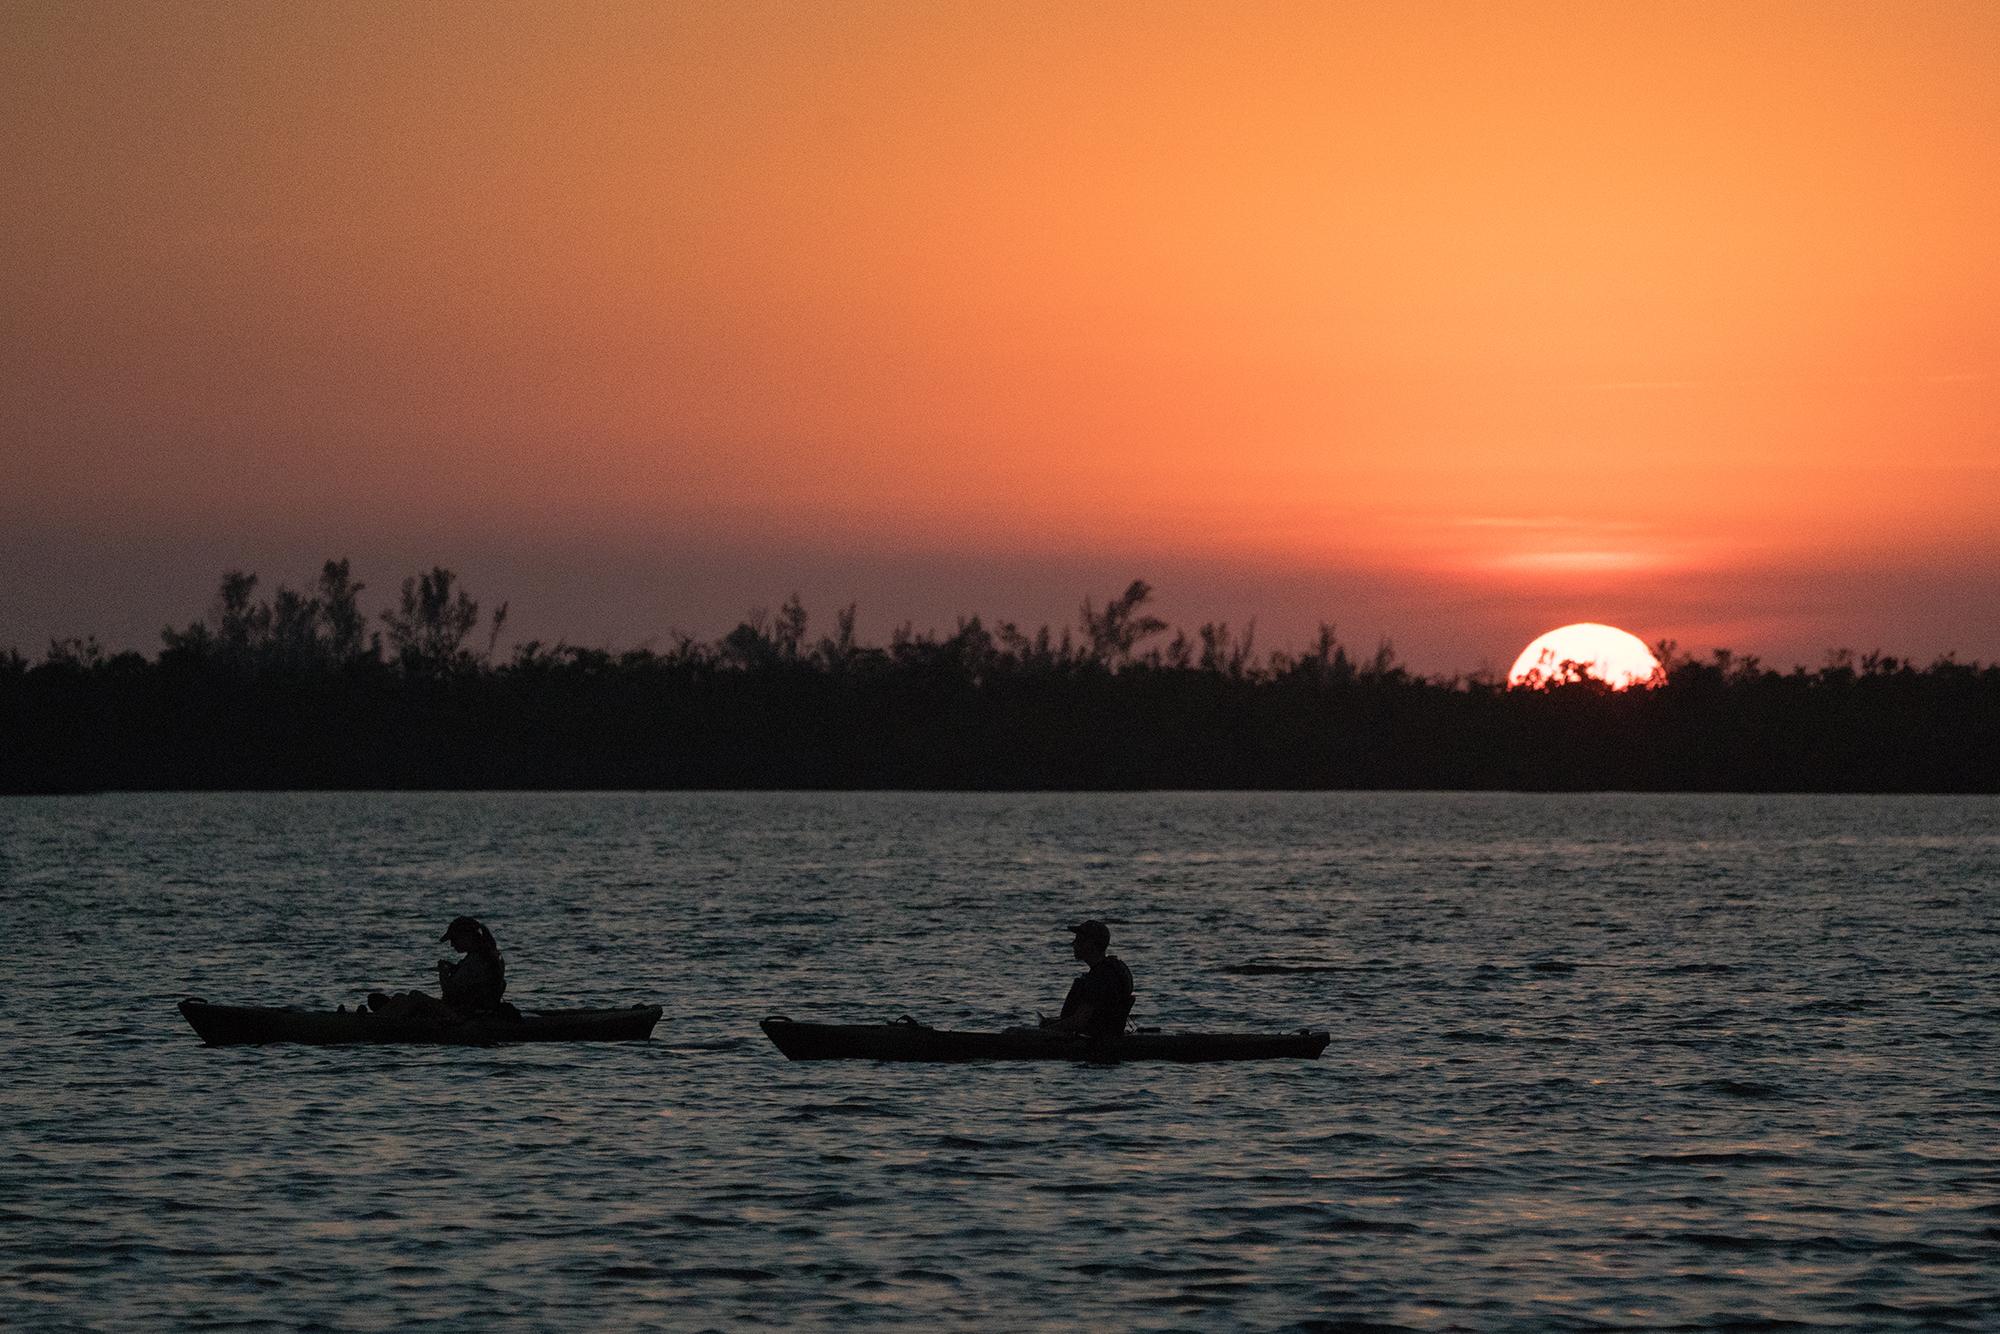 #orange, #sunset, #rookerybay, #florida, #swflorida, #kayak, #dayisdone, #nature, #landscape, #humanelement